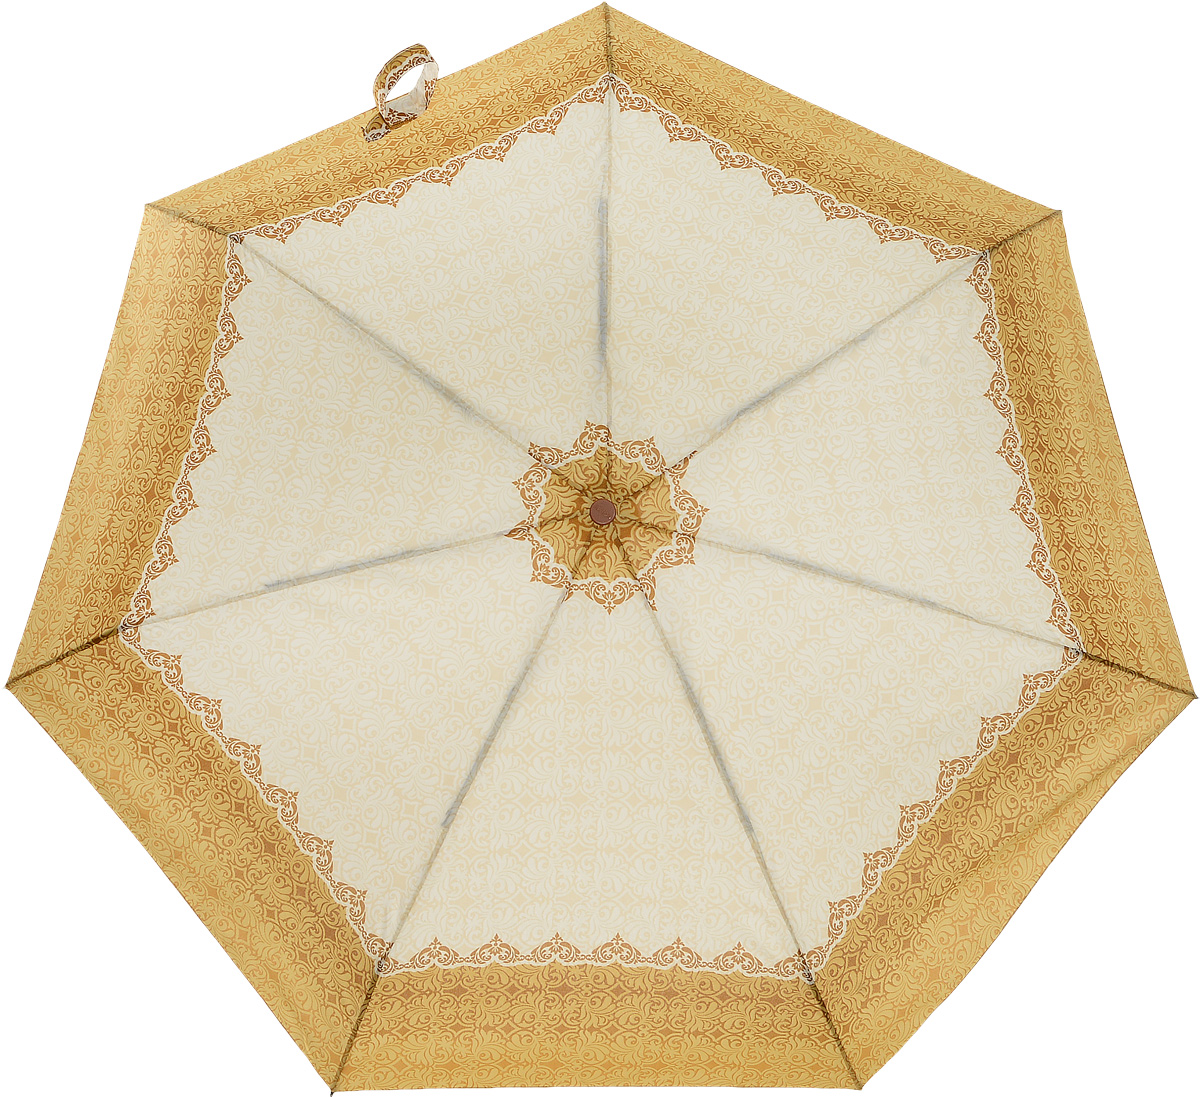 Зонт женский Airton, автомат, 3 сложения, цвет: бежевый. 4918-150 зонт airton 3917 8028 полный автомат женский